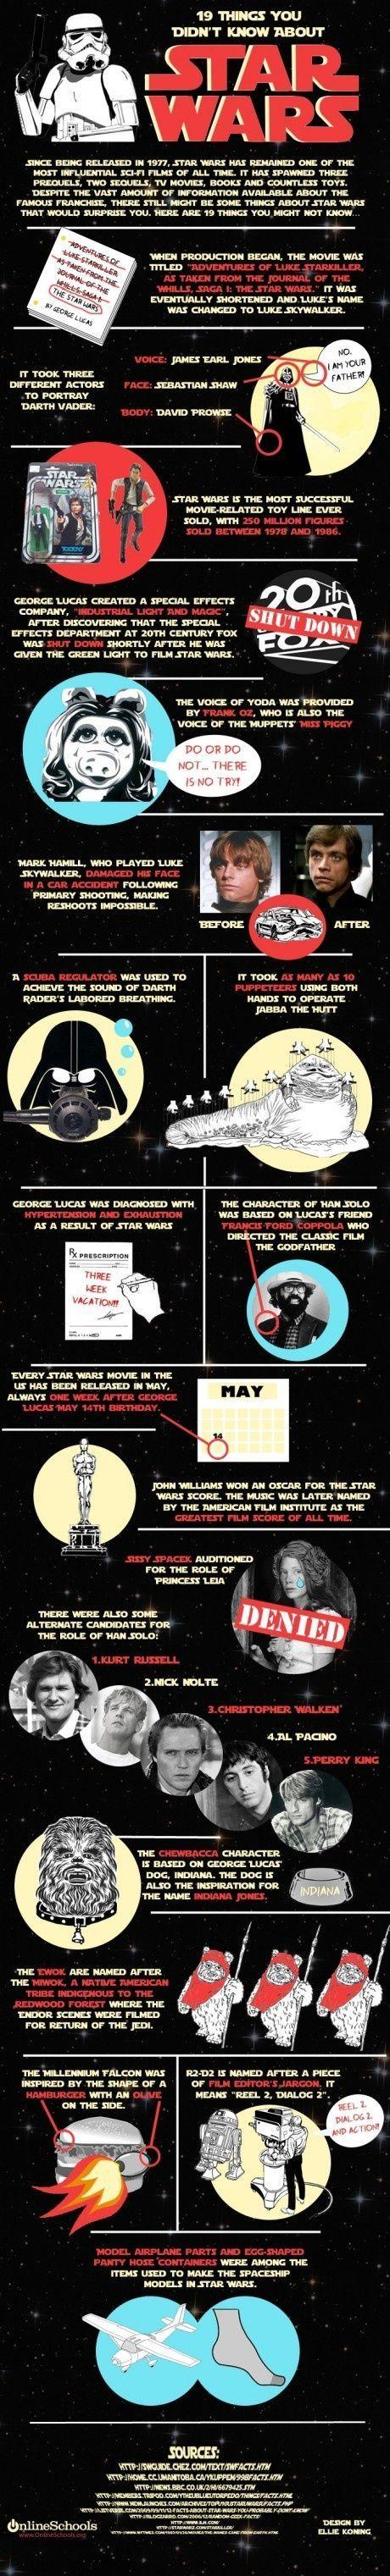 19 Fakta om Star Wars